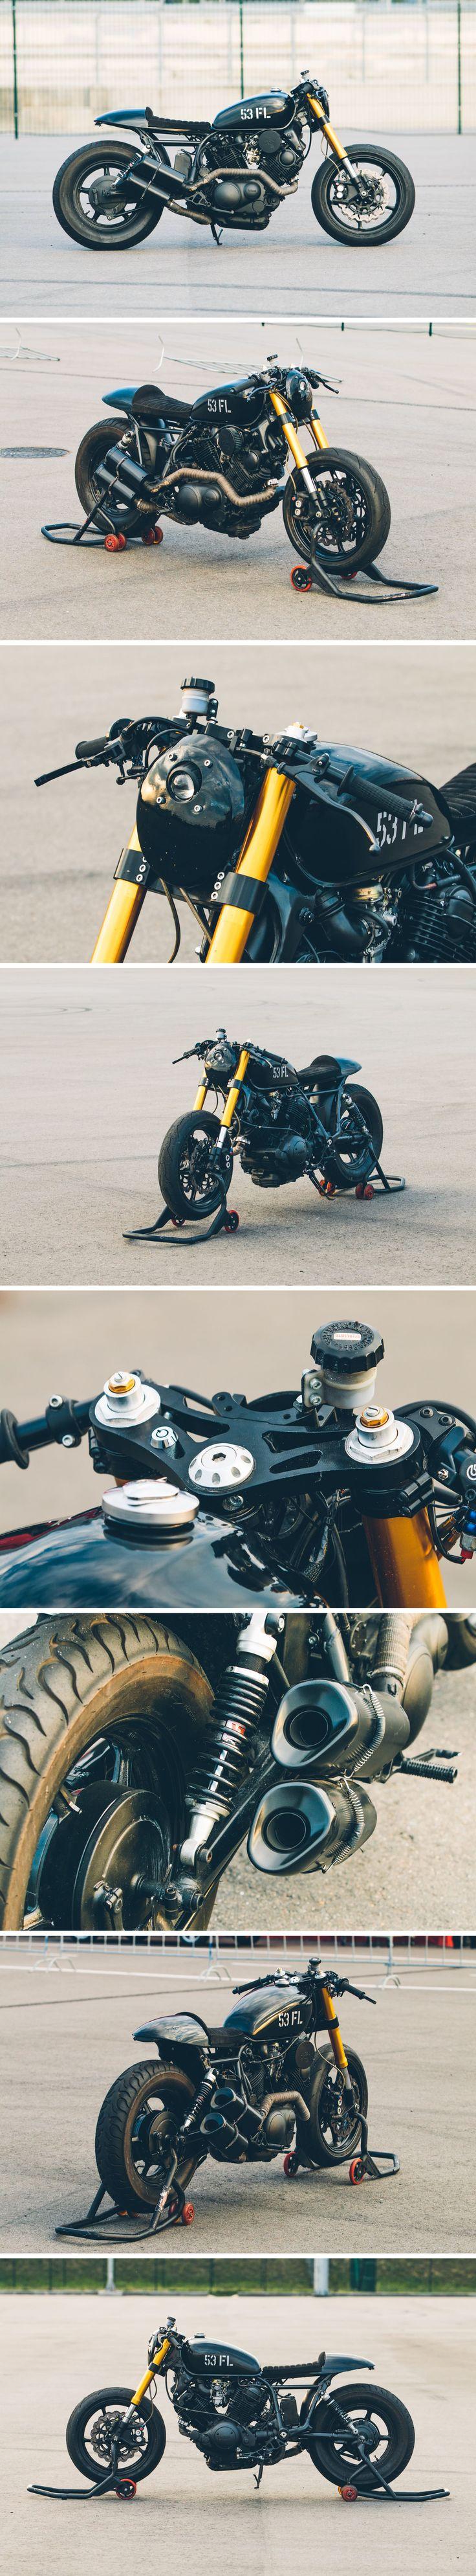 Yamaha Virago XV – 53 Fast Living